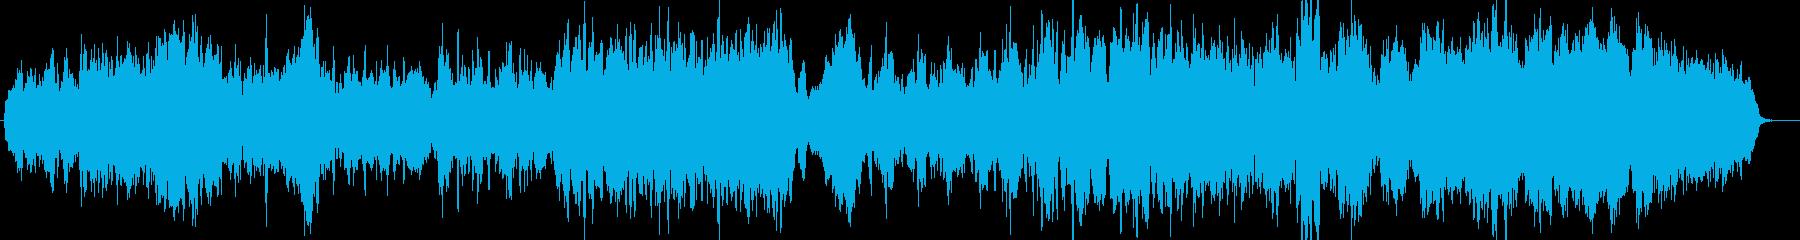 ジブリ的イメージの弦楽アンサンブルの再生済みの波形